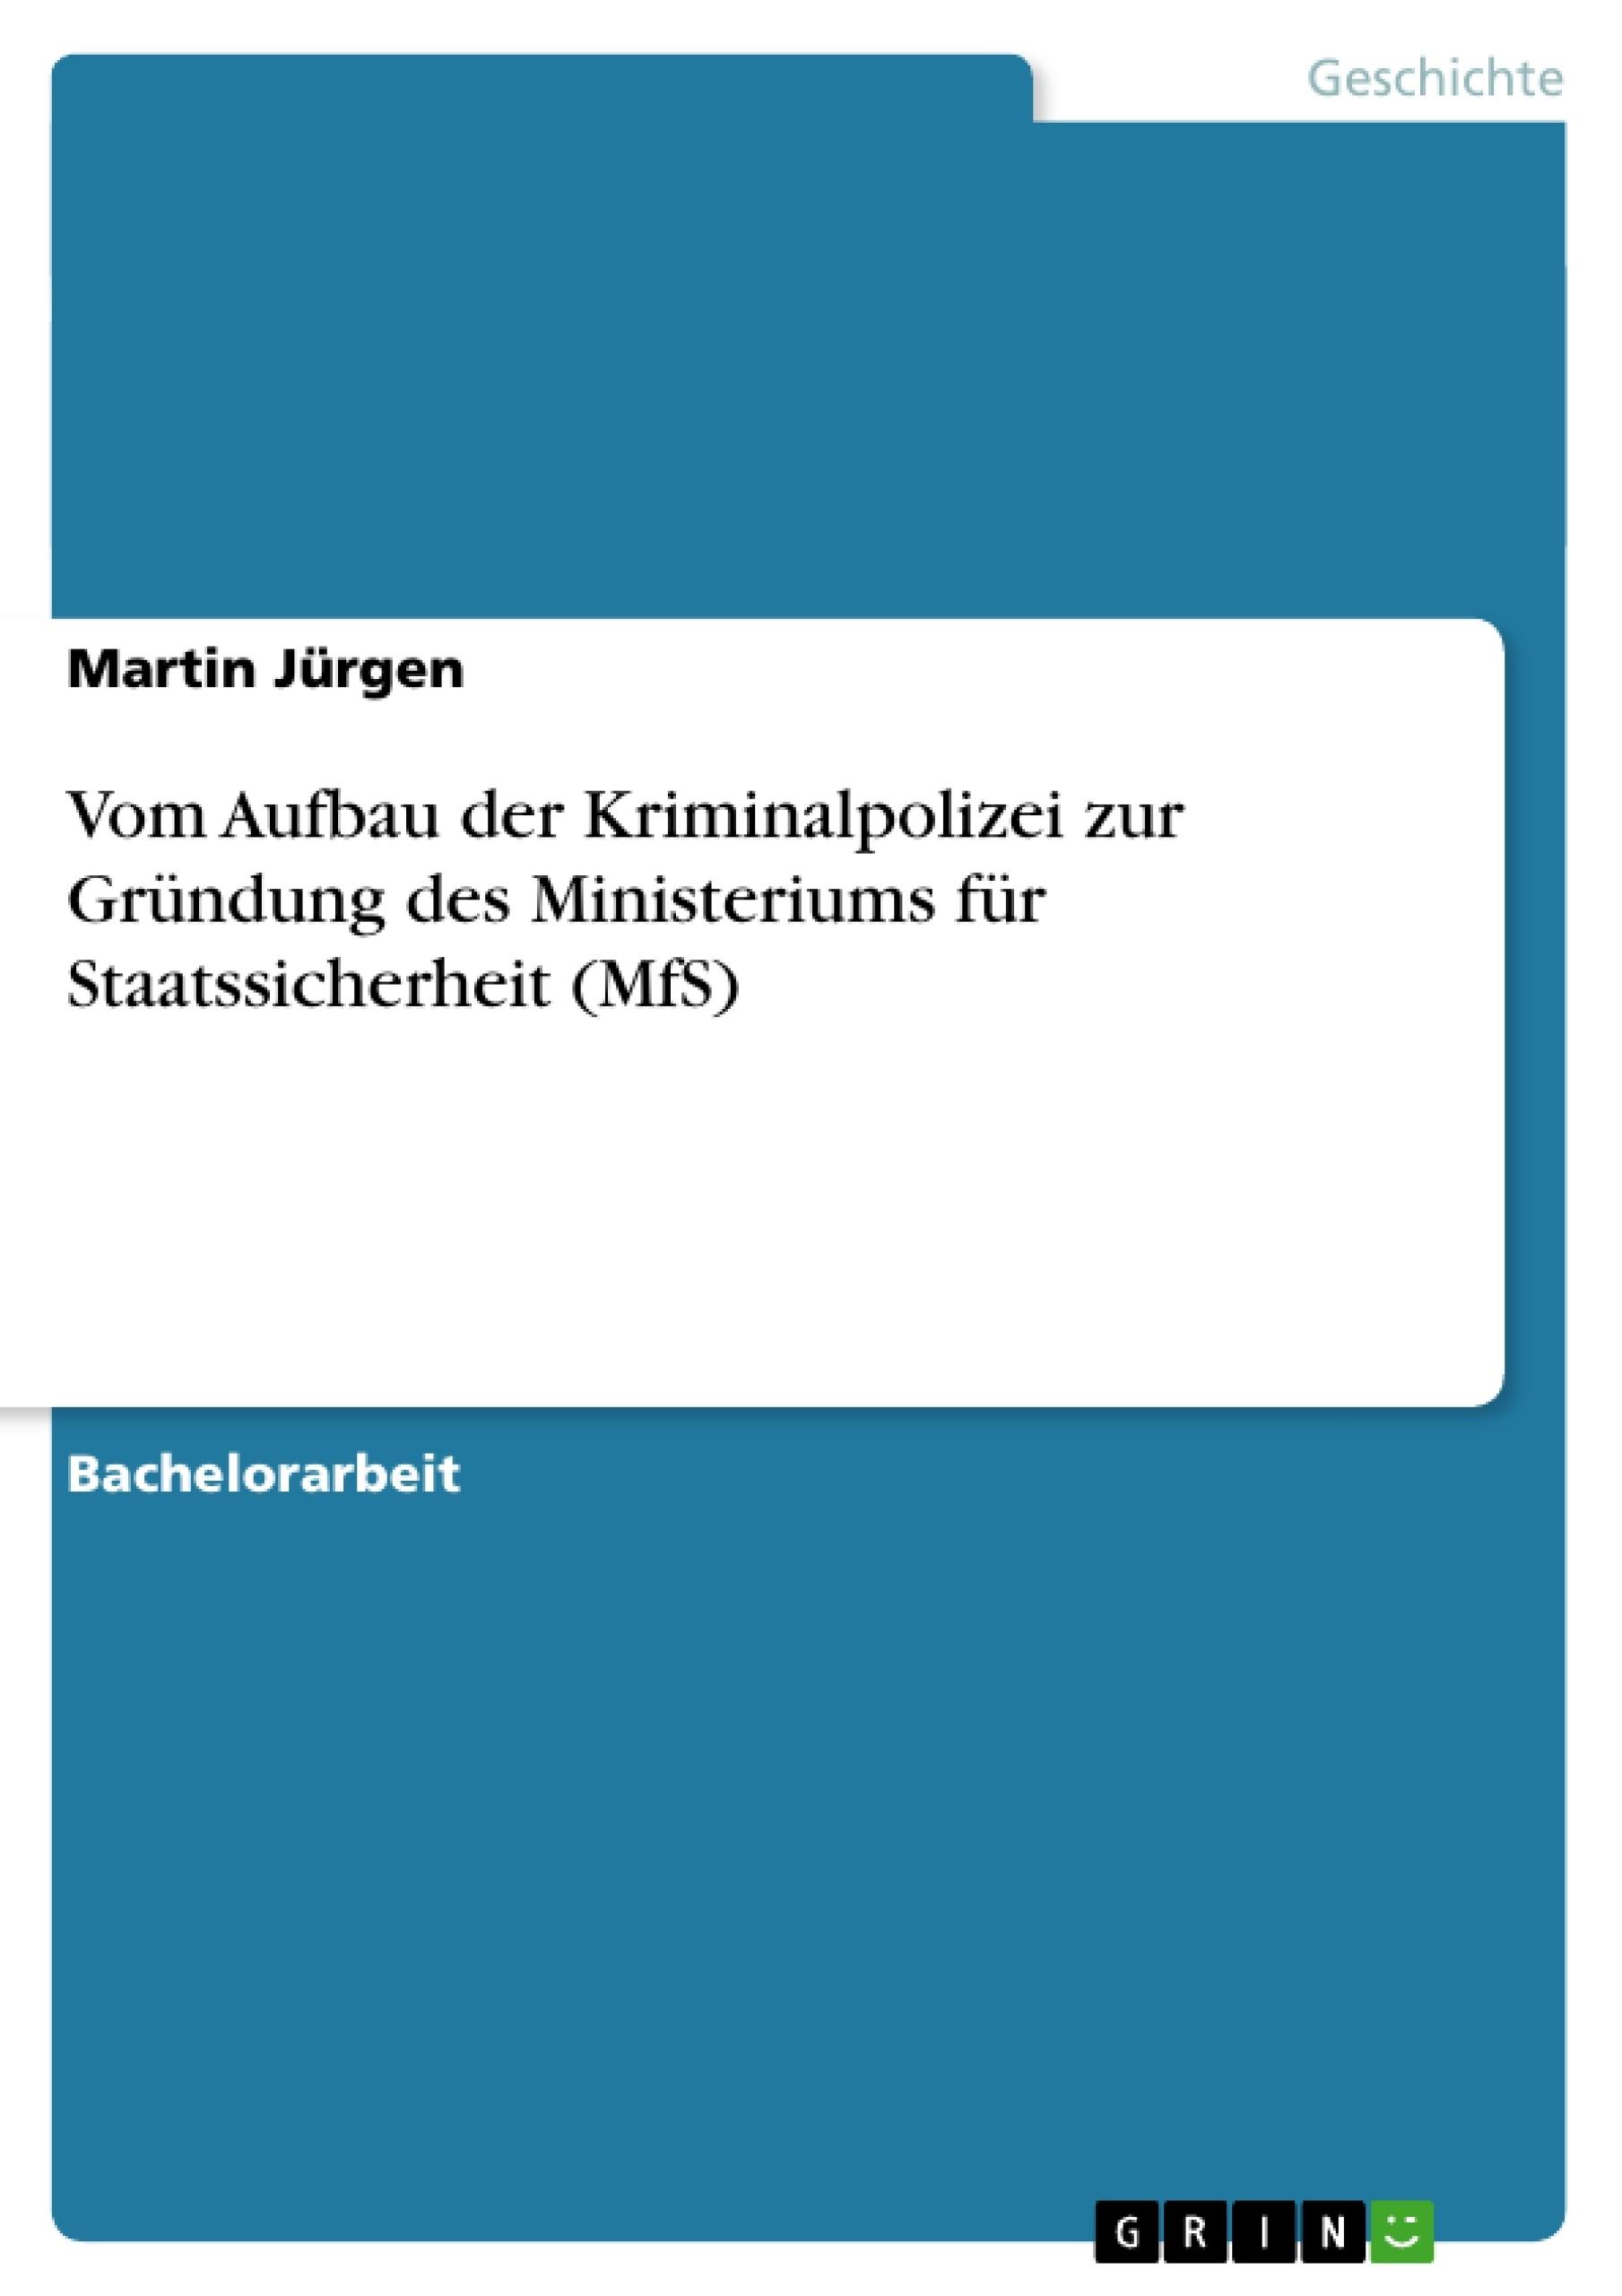 Titel: Vom Aufbau der Kriminalpolizei zur Gründung des Ministeriums für Staatssicherheit (MfS)